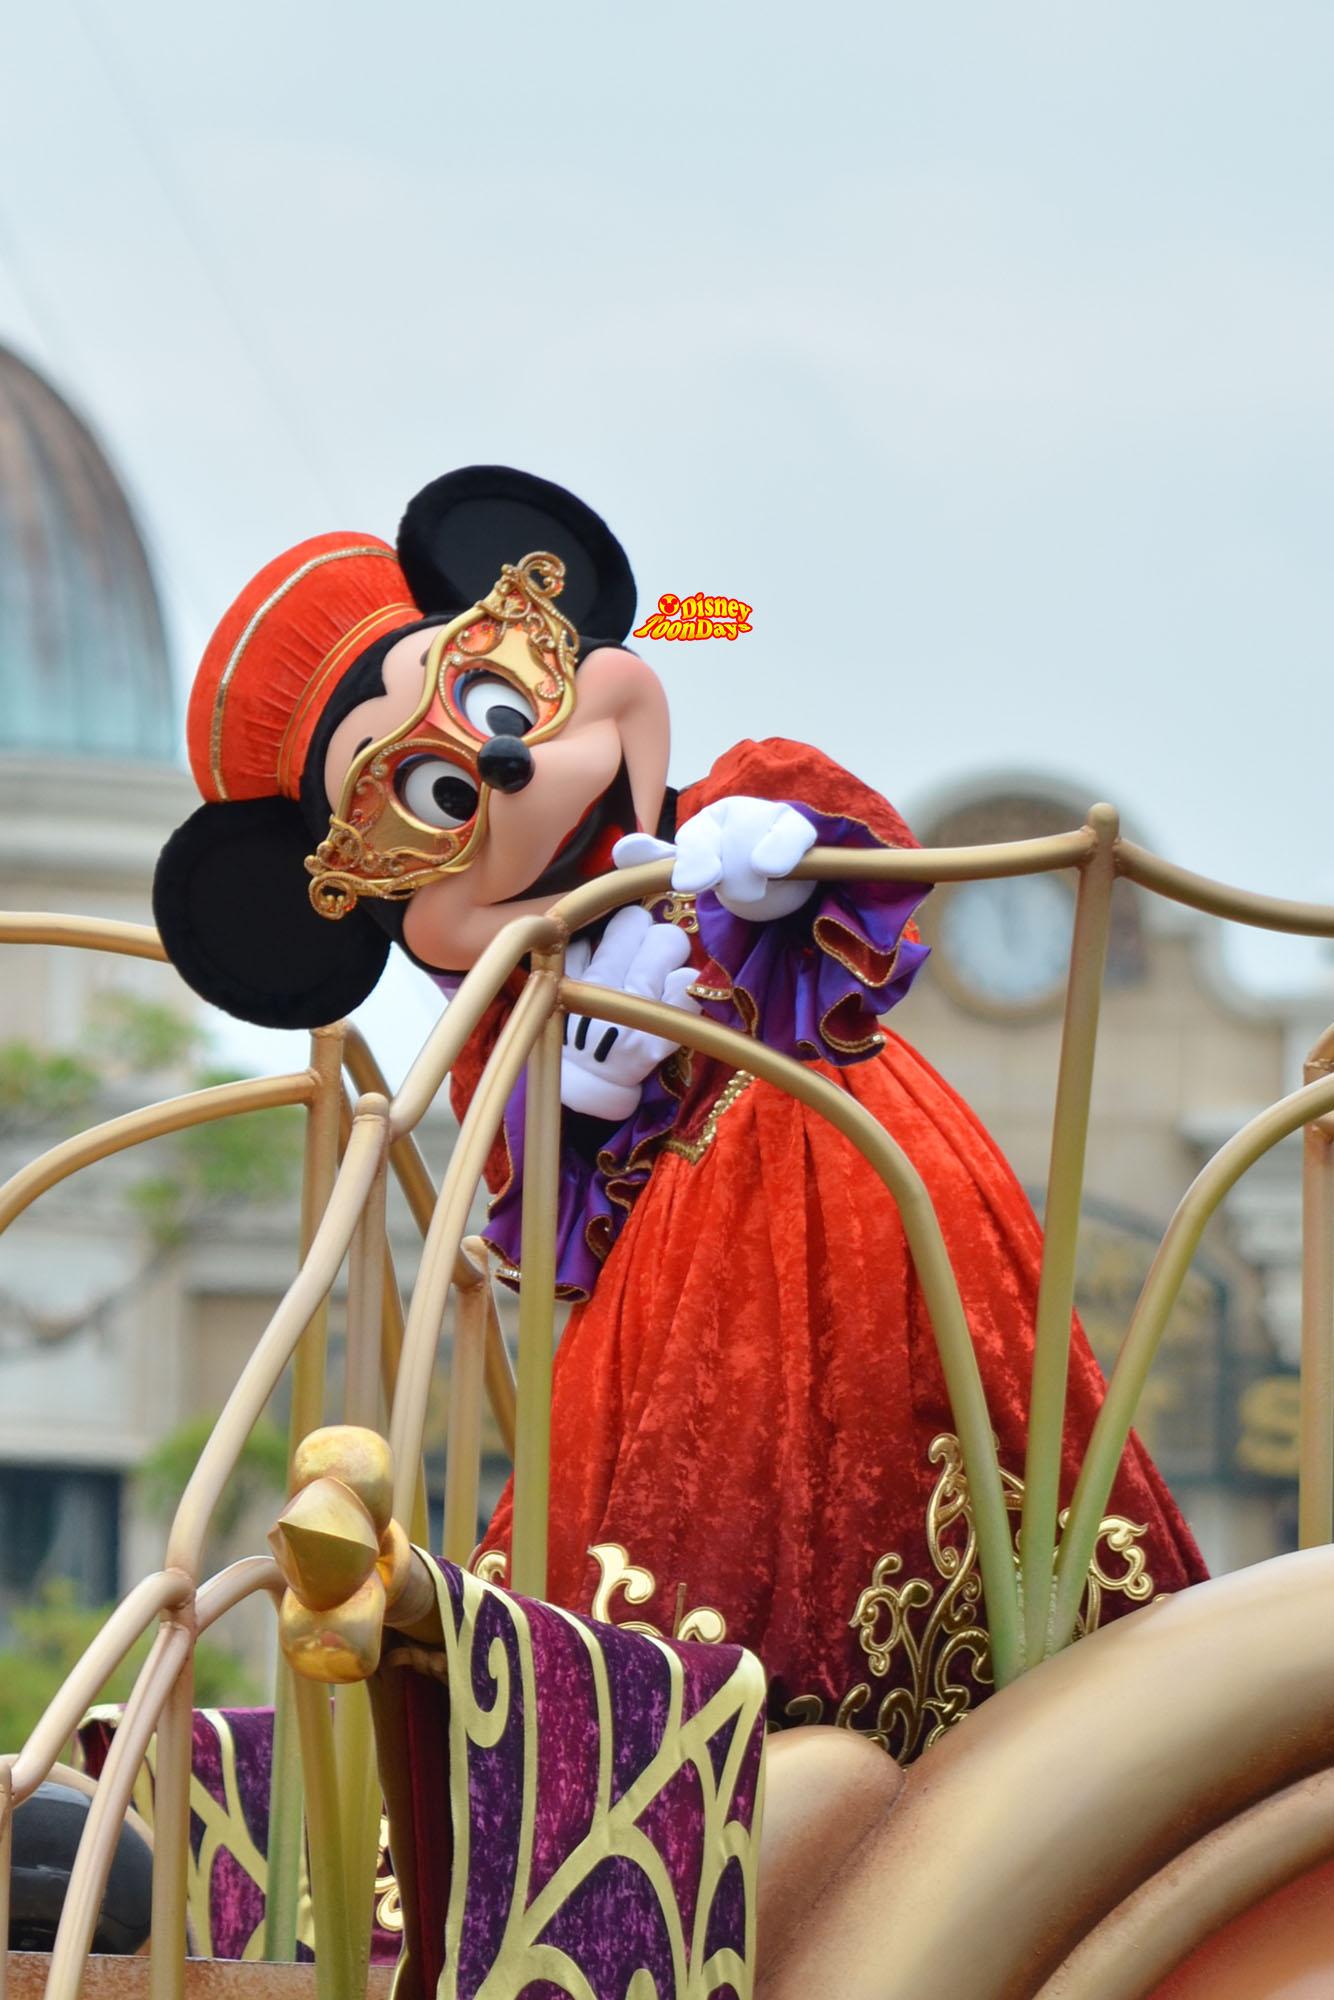 TDS ディズニーハロウィーン 2012 ハロウィーンデイドリーム ミニーマウス